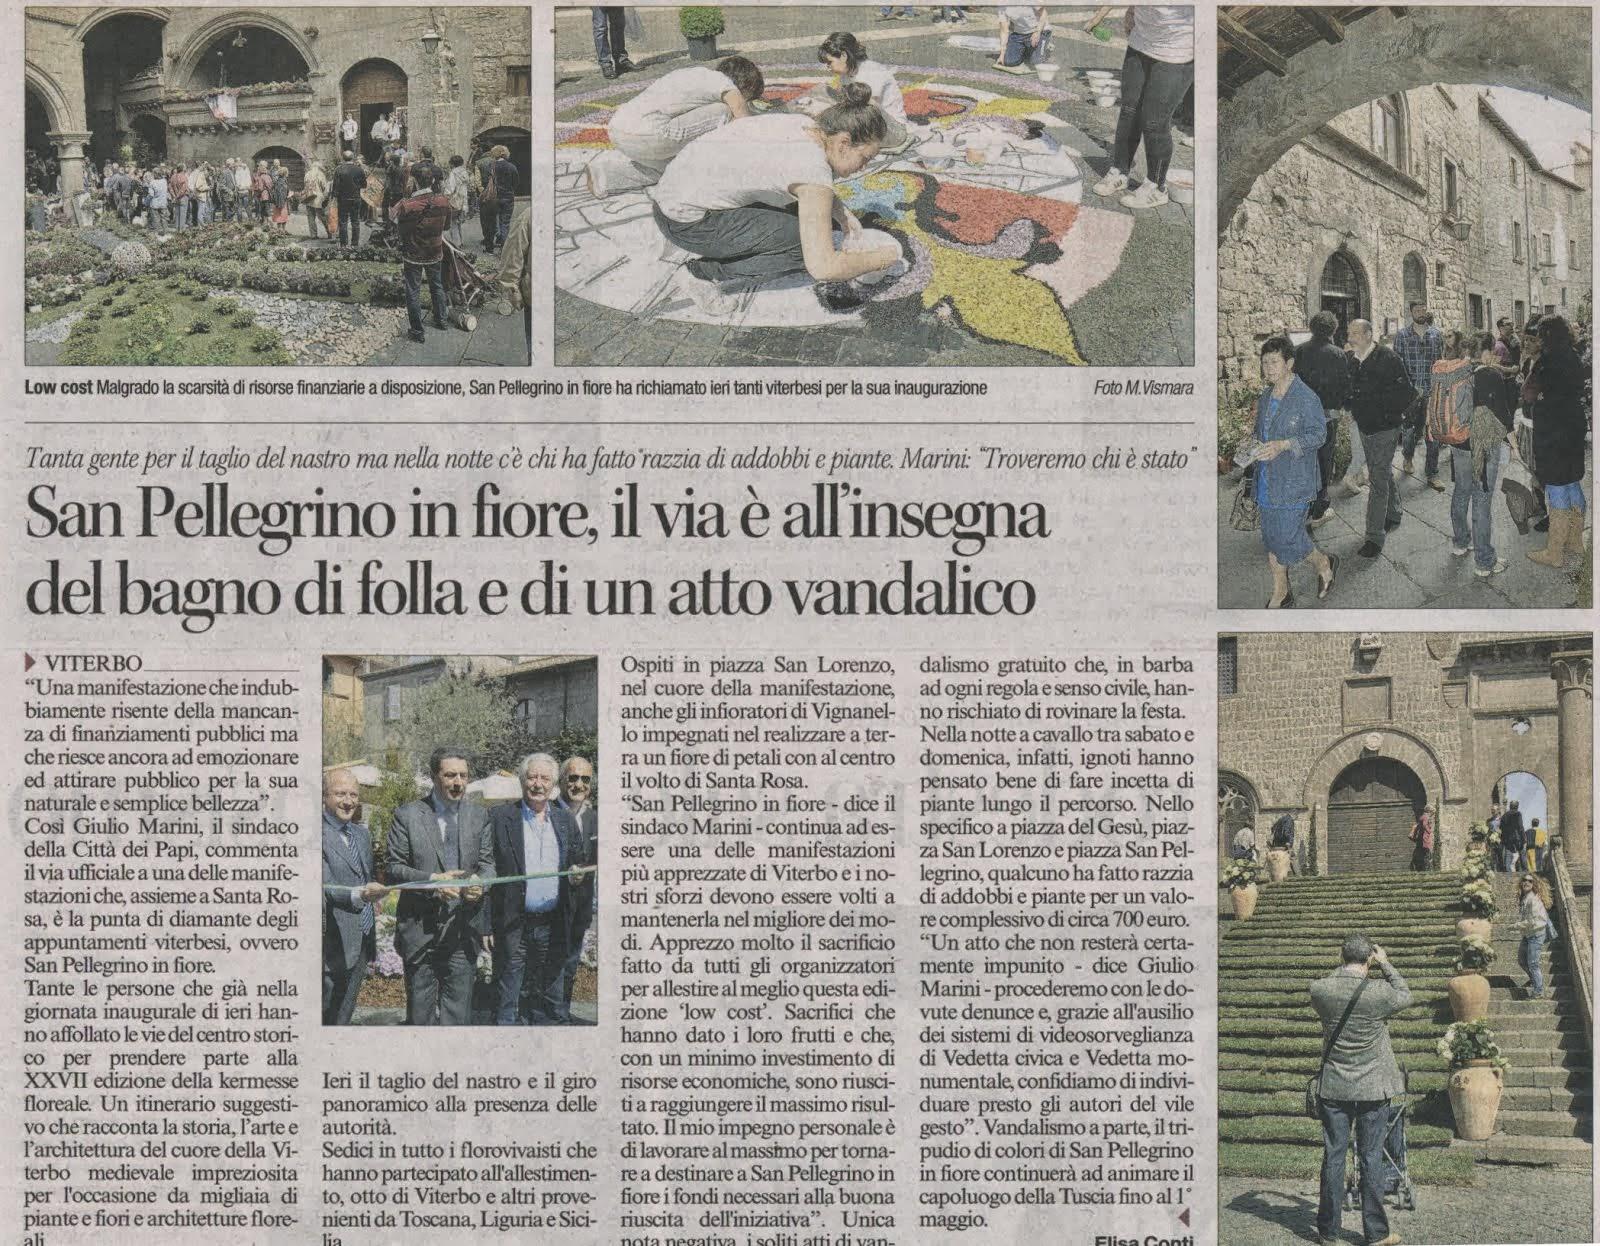 Viterbo: San Pellegrino in fiore, il via è all'insegna del bagno di folla e di un atto vandalico